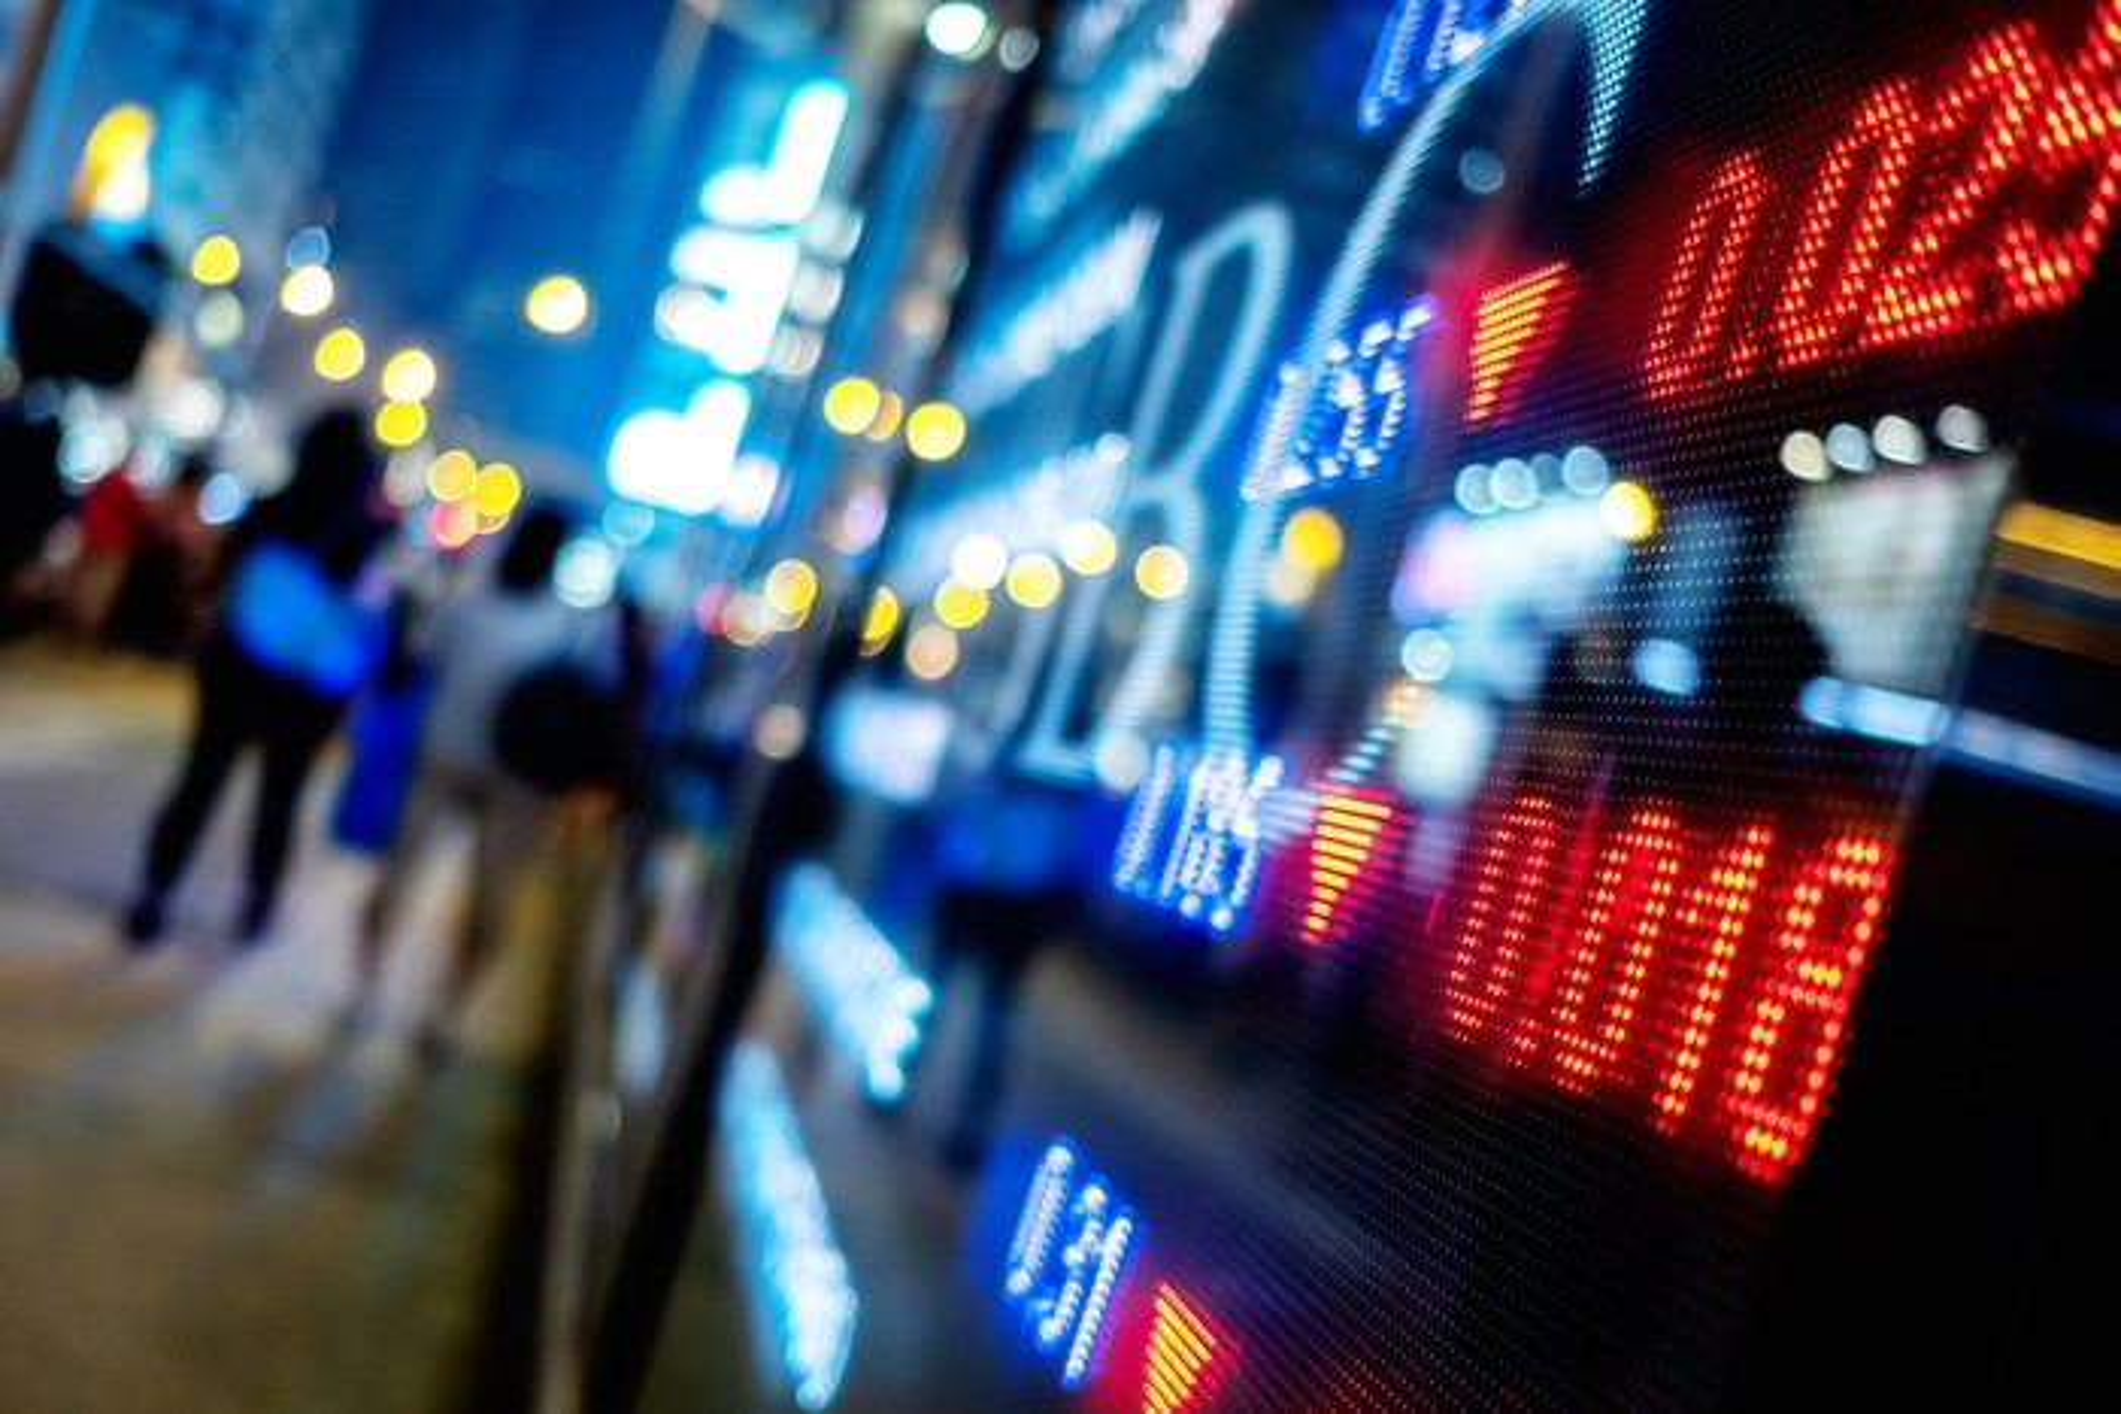 Securities market display